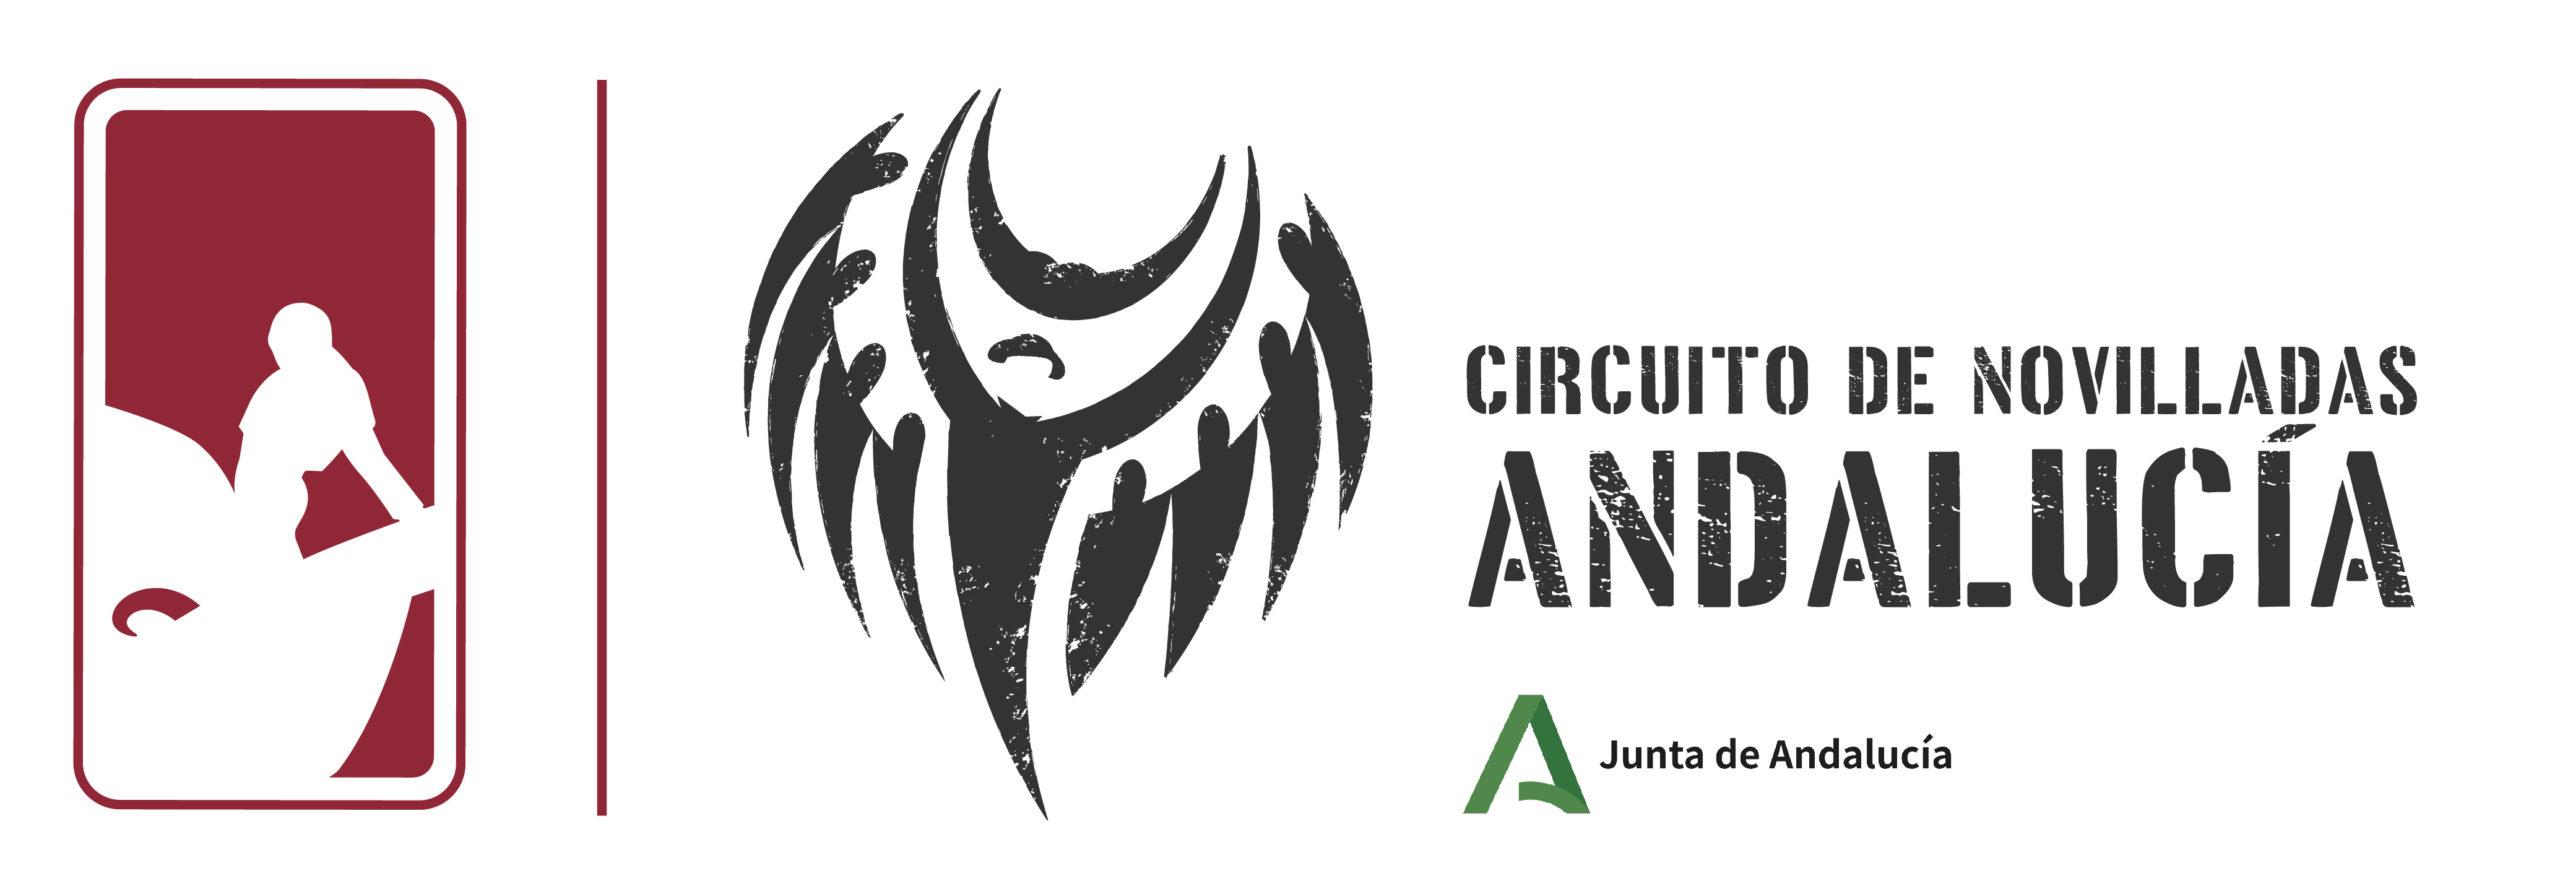 Seleccionadas las sedes del Circuito de Novilladas de Andalucía